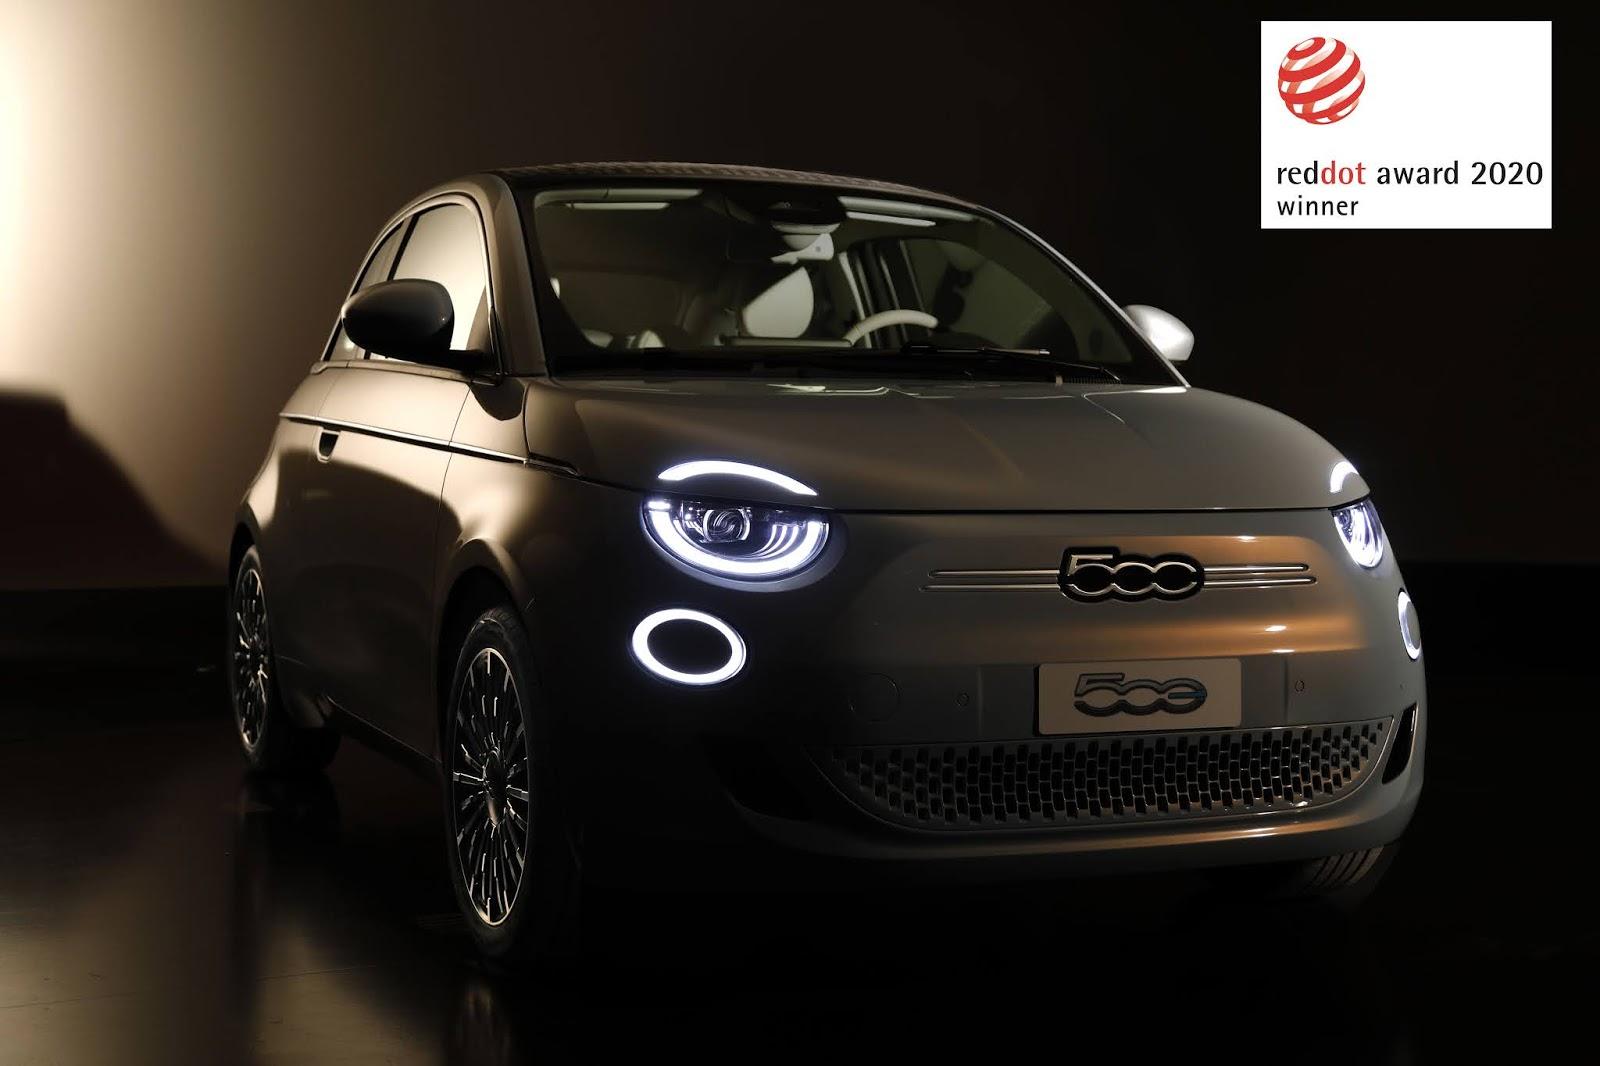 Fiat2BNew2B5002Bwins2Bthe2BRed2BDot2BAward2B2020 To Fiat 500 σαρώνει τα βραβεία σχεδιασμού